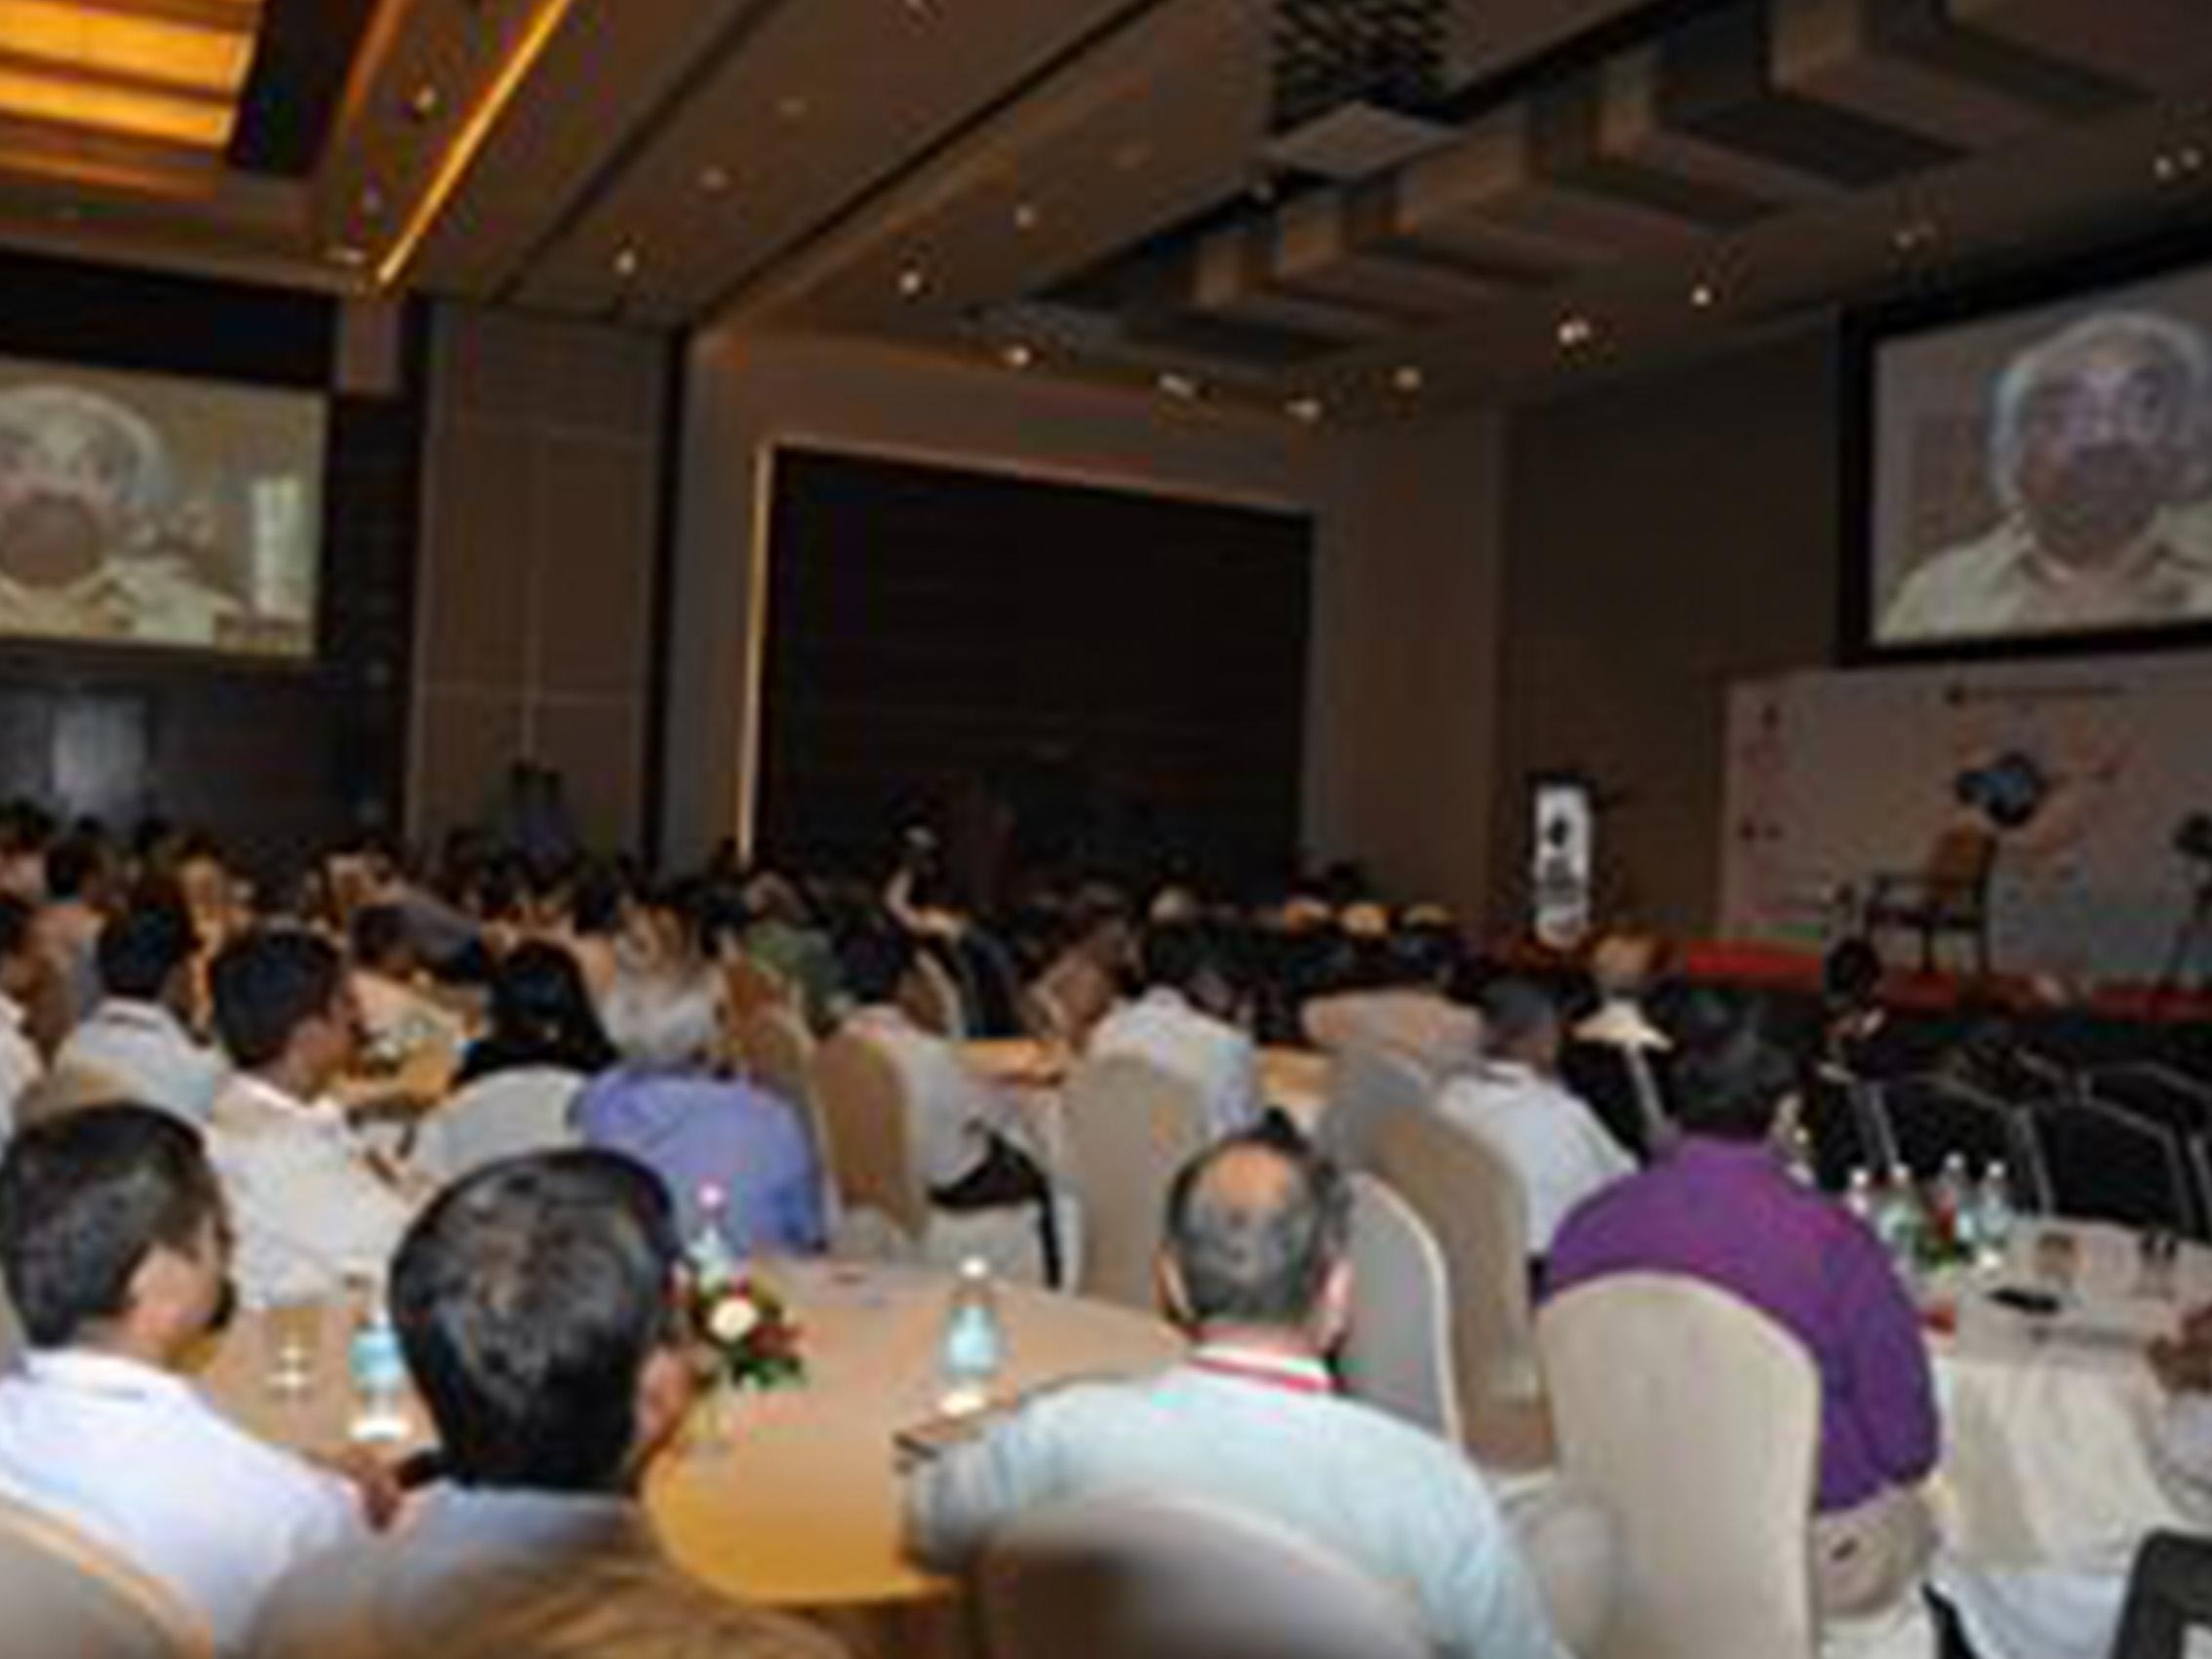 63d3e BMA3 - Video Conferencing with Mr Sam Pitroda